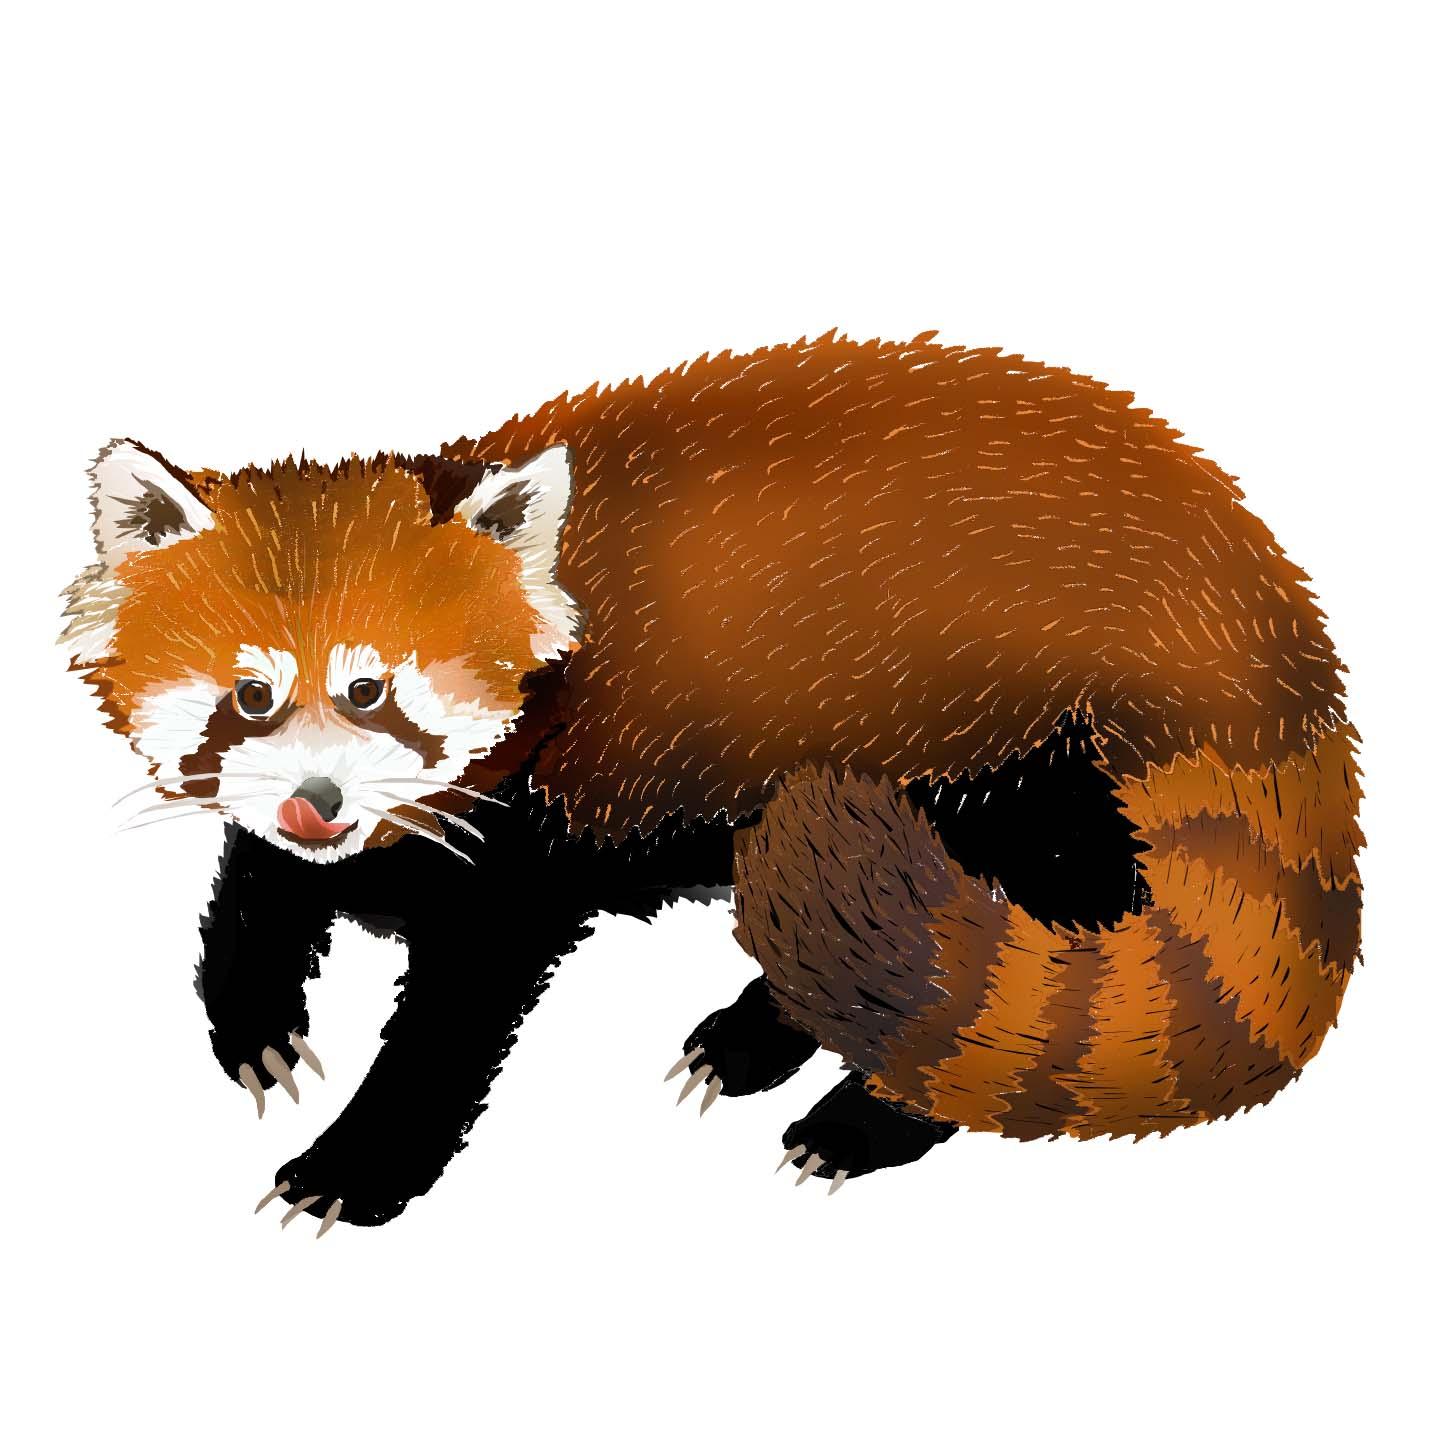 R - Red panda